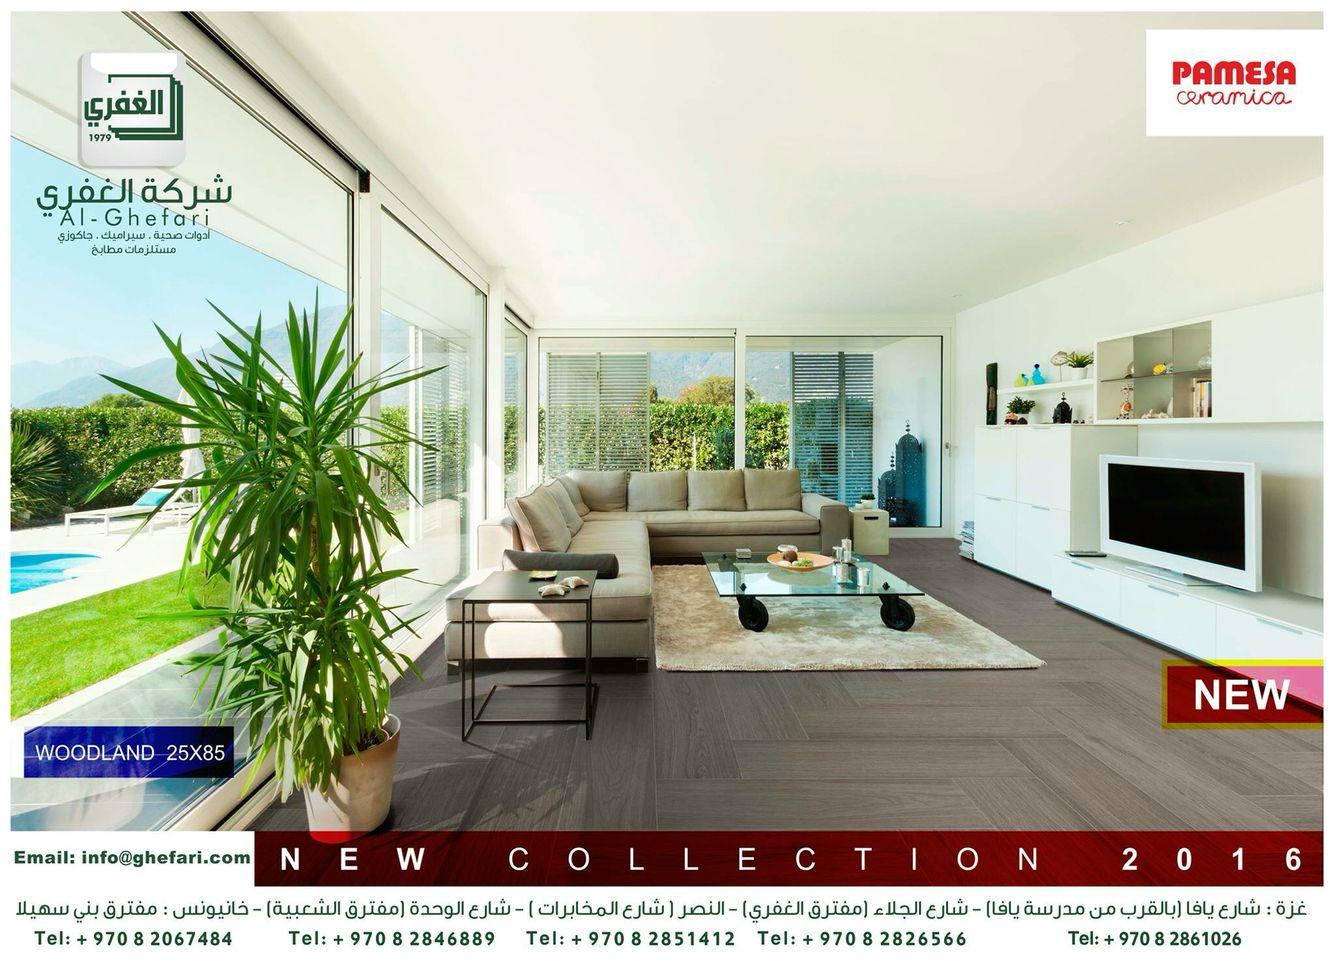 جديد جديد من جديد وصل الخشابي بأجمل الألوان منتجات شركة باميسا الإسبانية لدي شركة الغف Living Room Design Modern Luxury Living Room Interior Design Bedroom